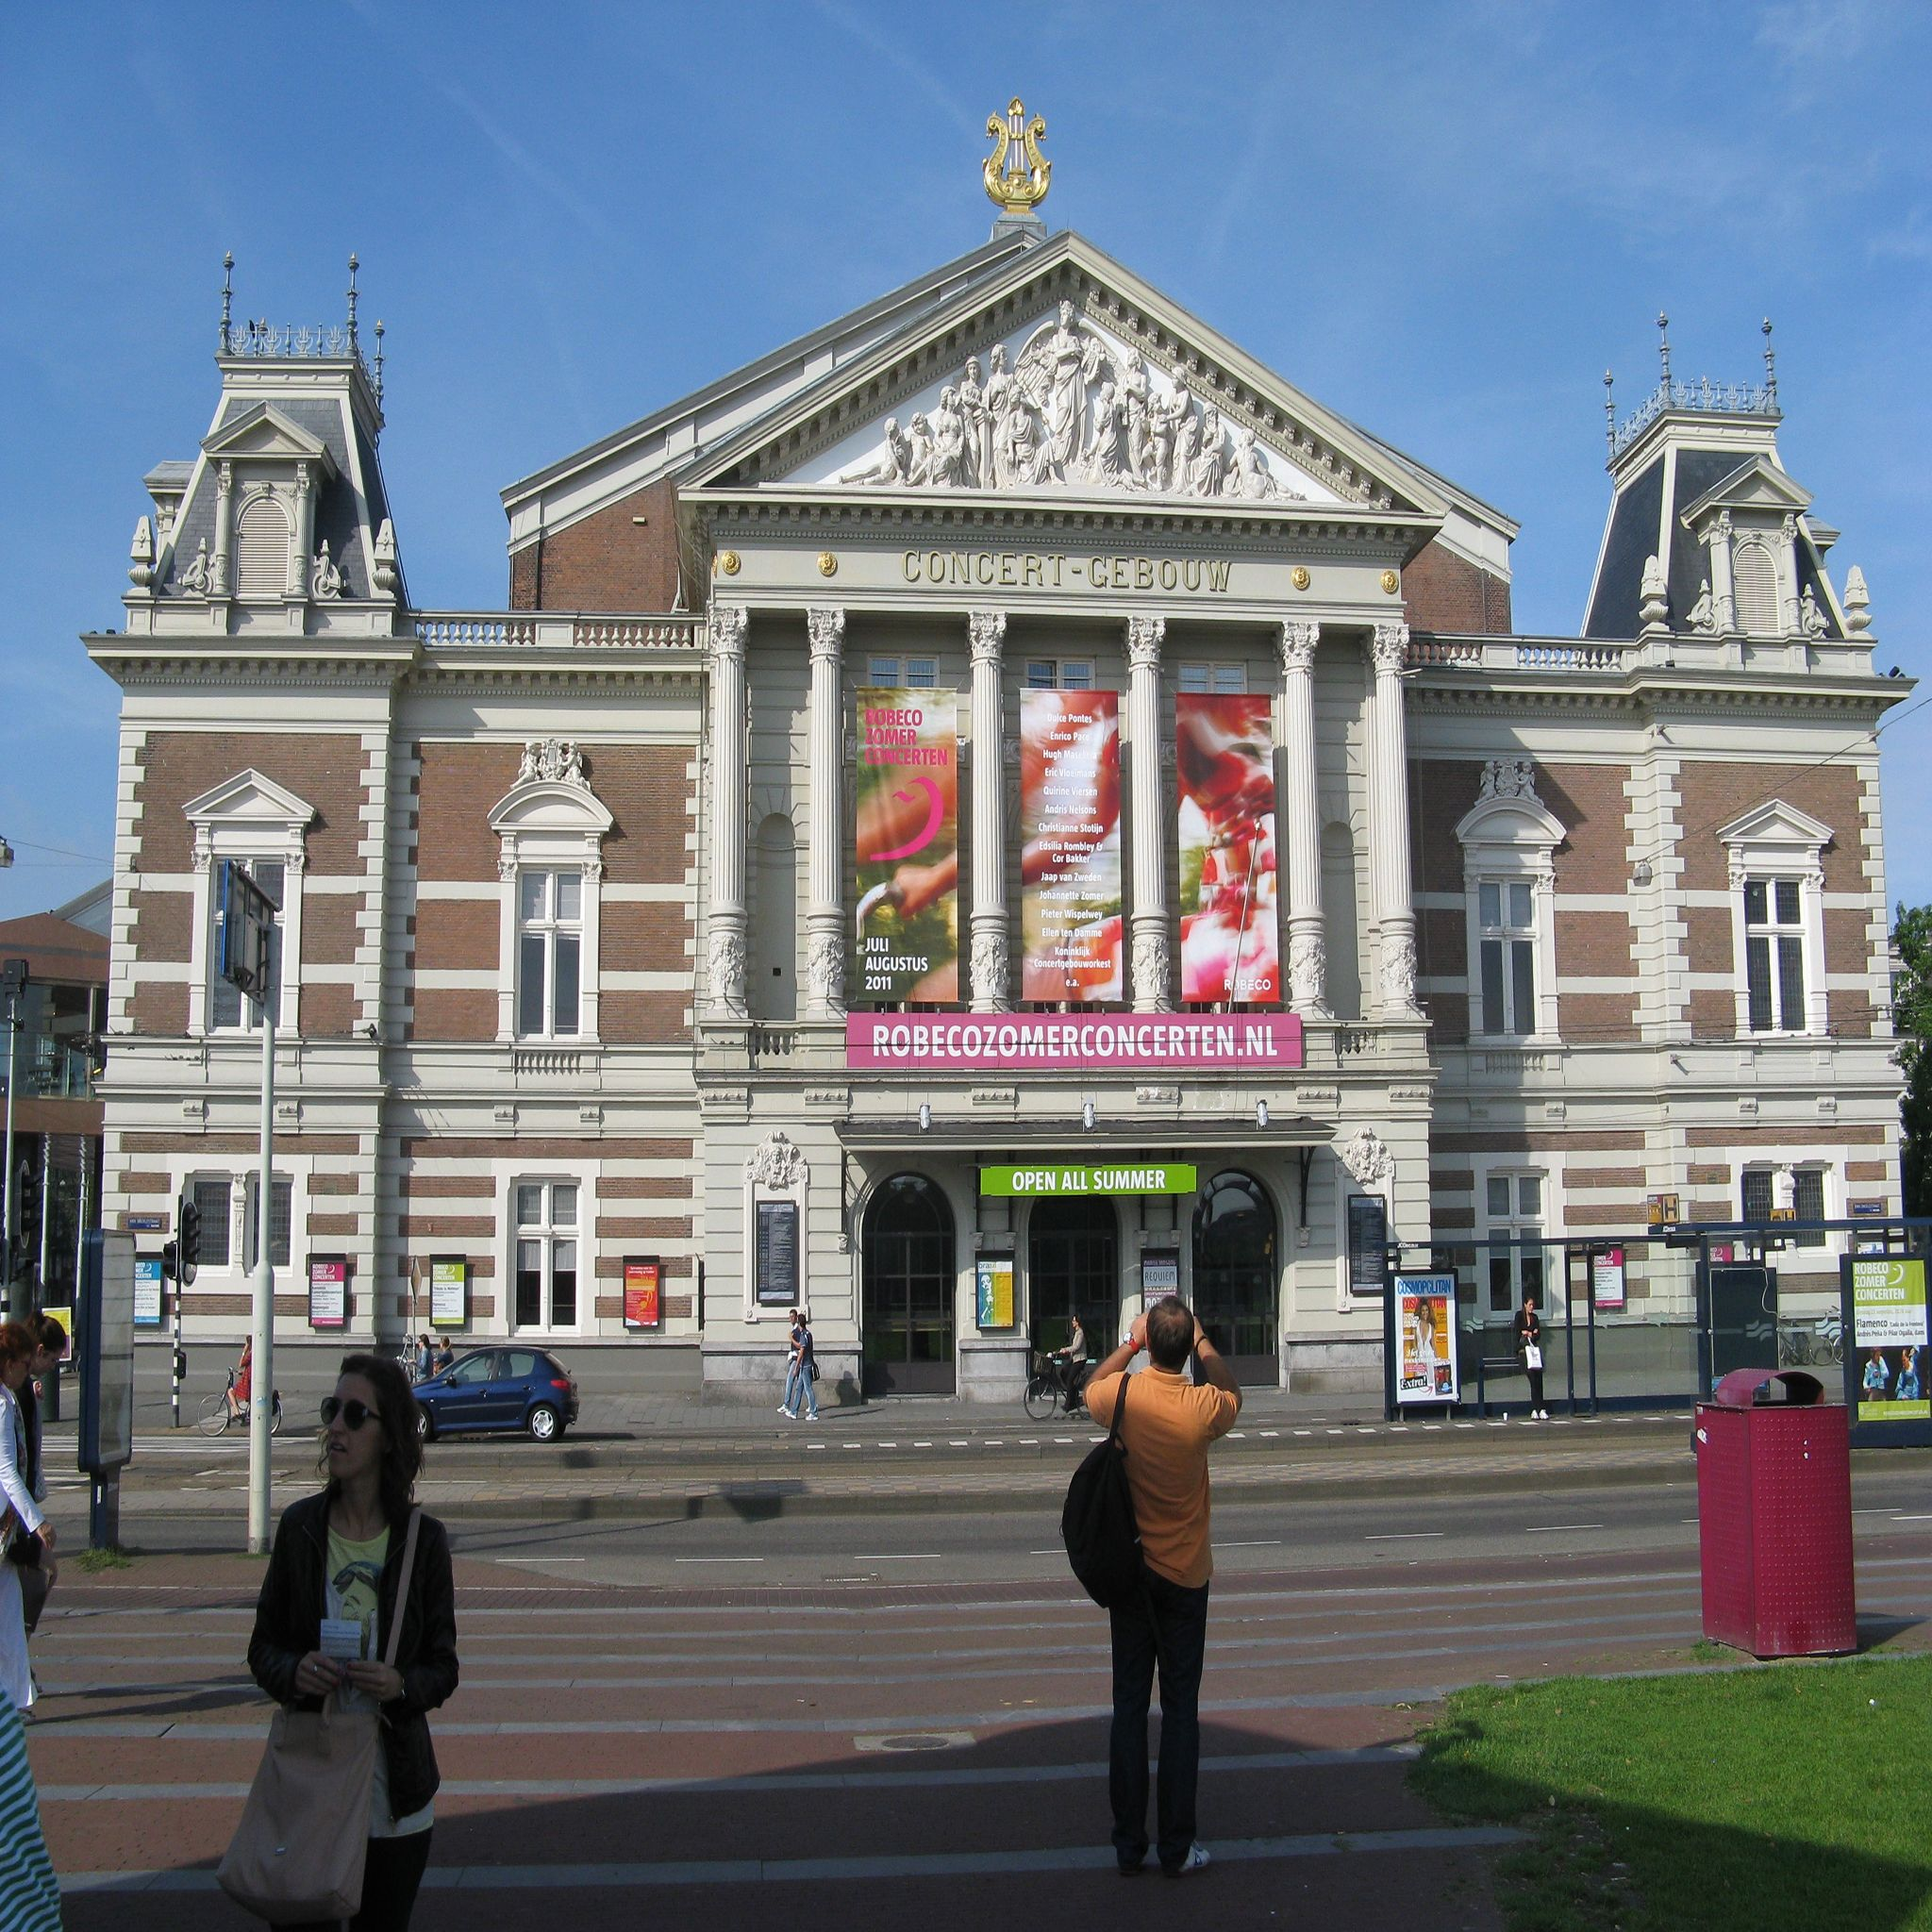 Amsterdã - Teatro Concert Gebouw